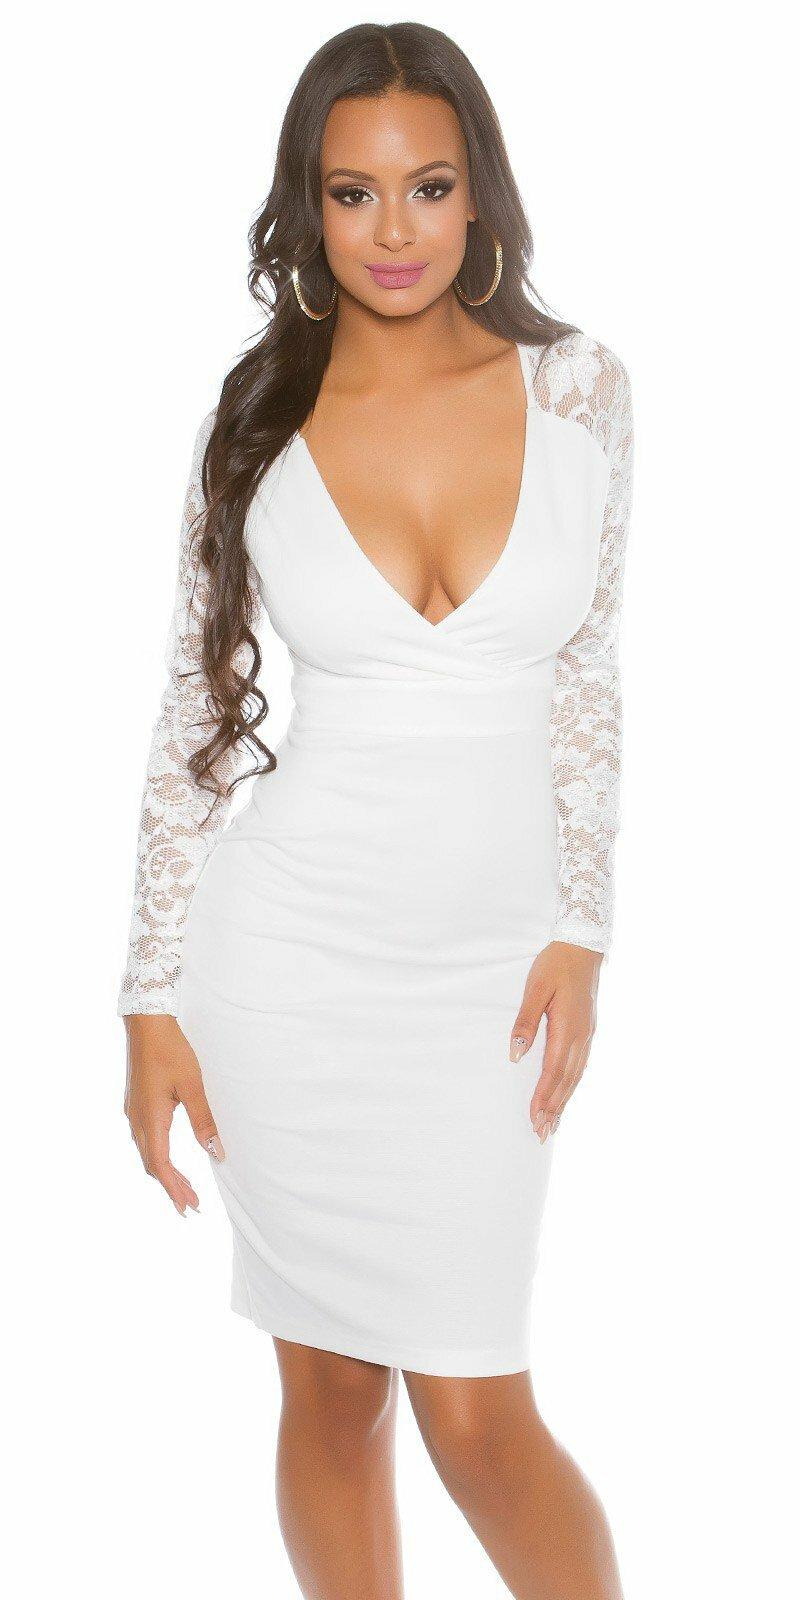 b6d9cce8a0ef Dámske puzdrové šaty s dlhými čipkovanými rukávmi  Veľkosť 8 (XS) Farba  Biela